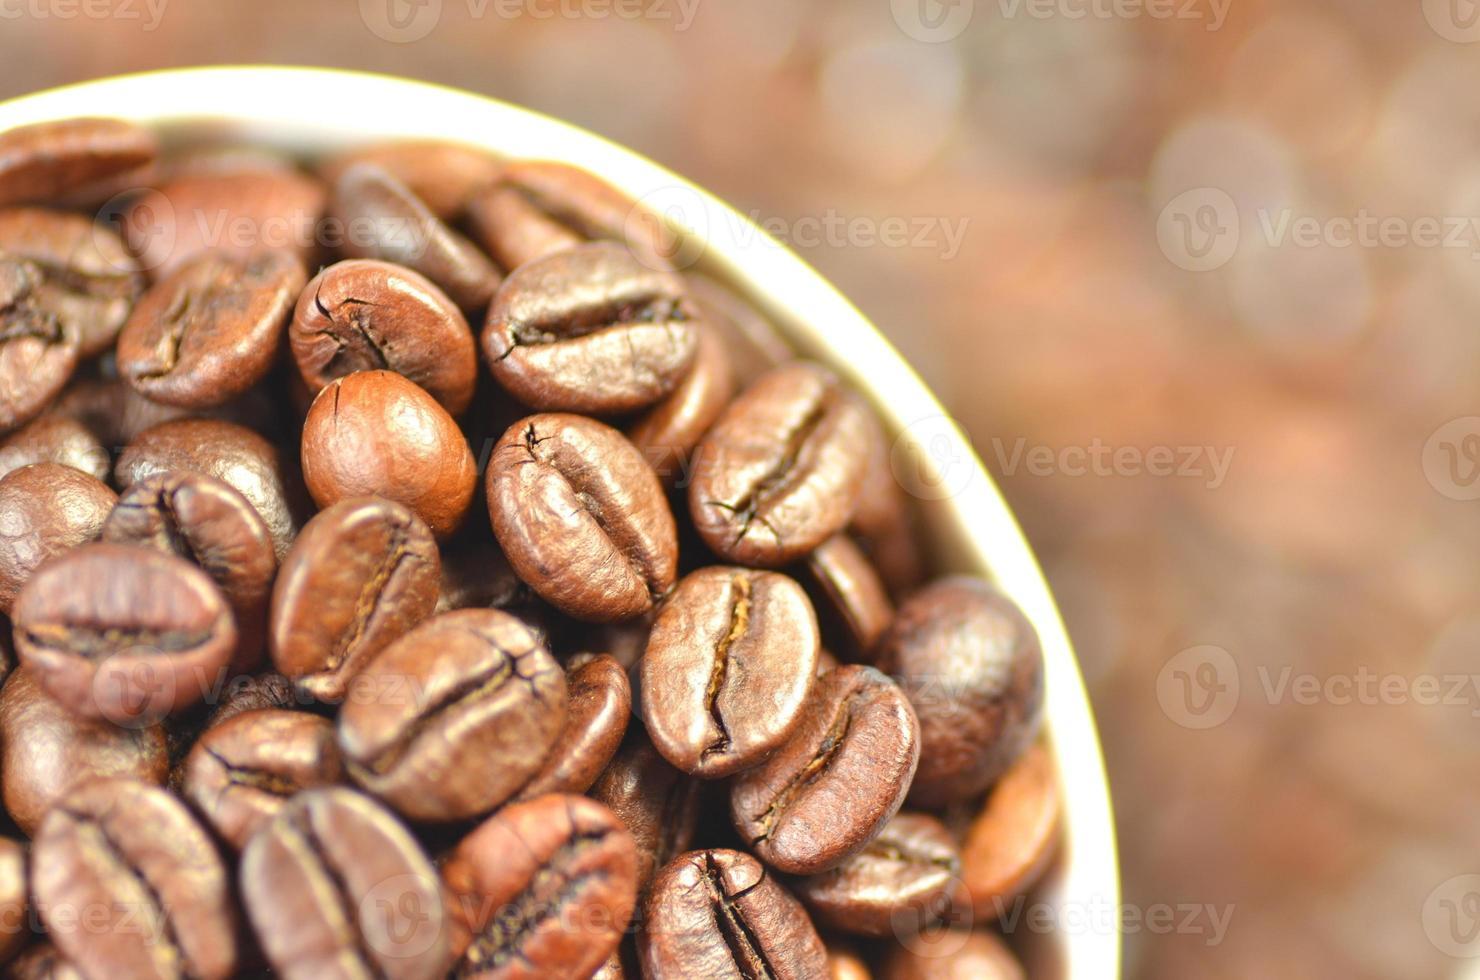 weiße Kaffeetasse voller Kaffeebohnen foto